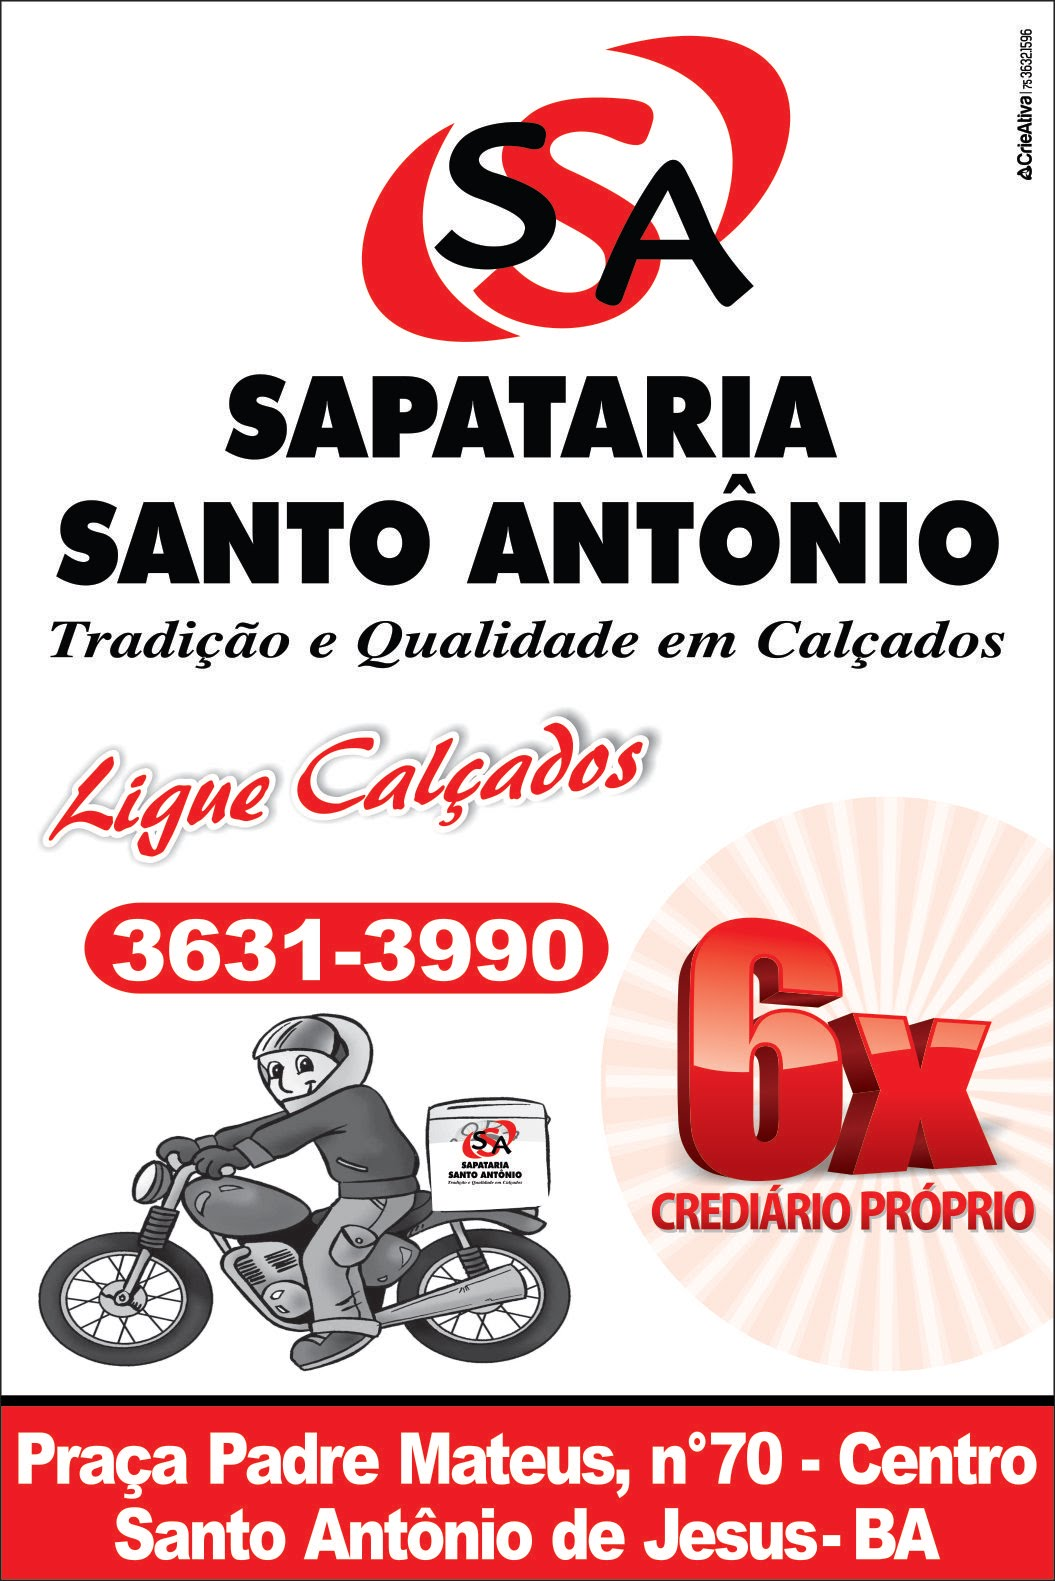 Sapataria Santo Antonio